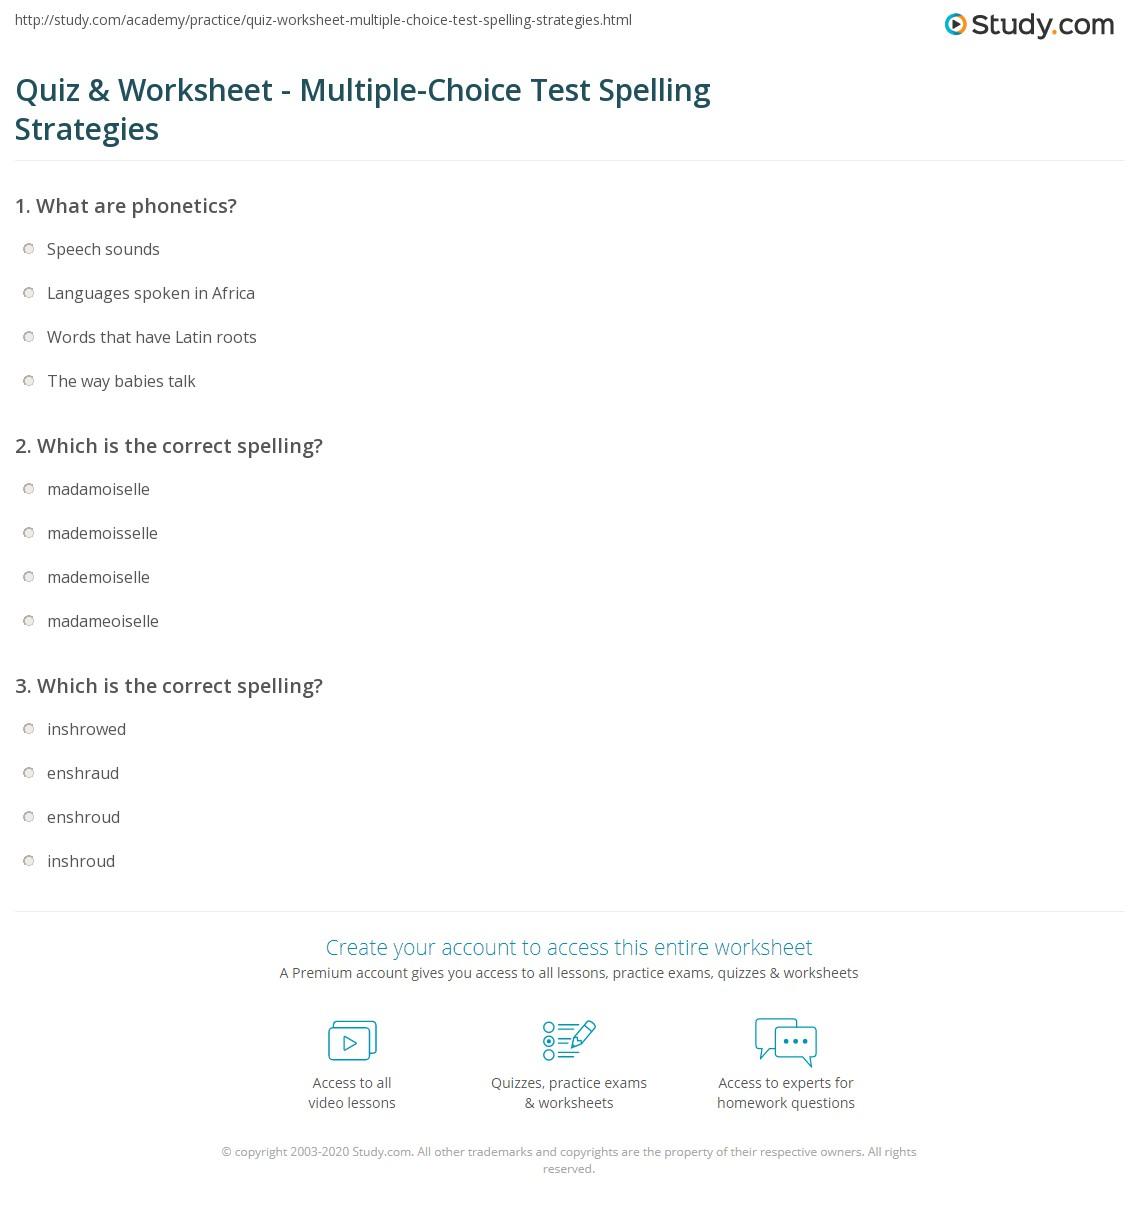 Quiz & Worksheet - Multiple-Choice Test Spelling Strategies ...